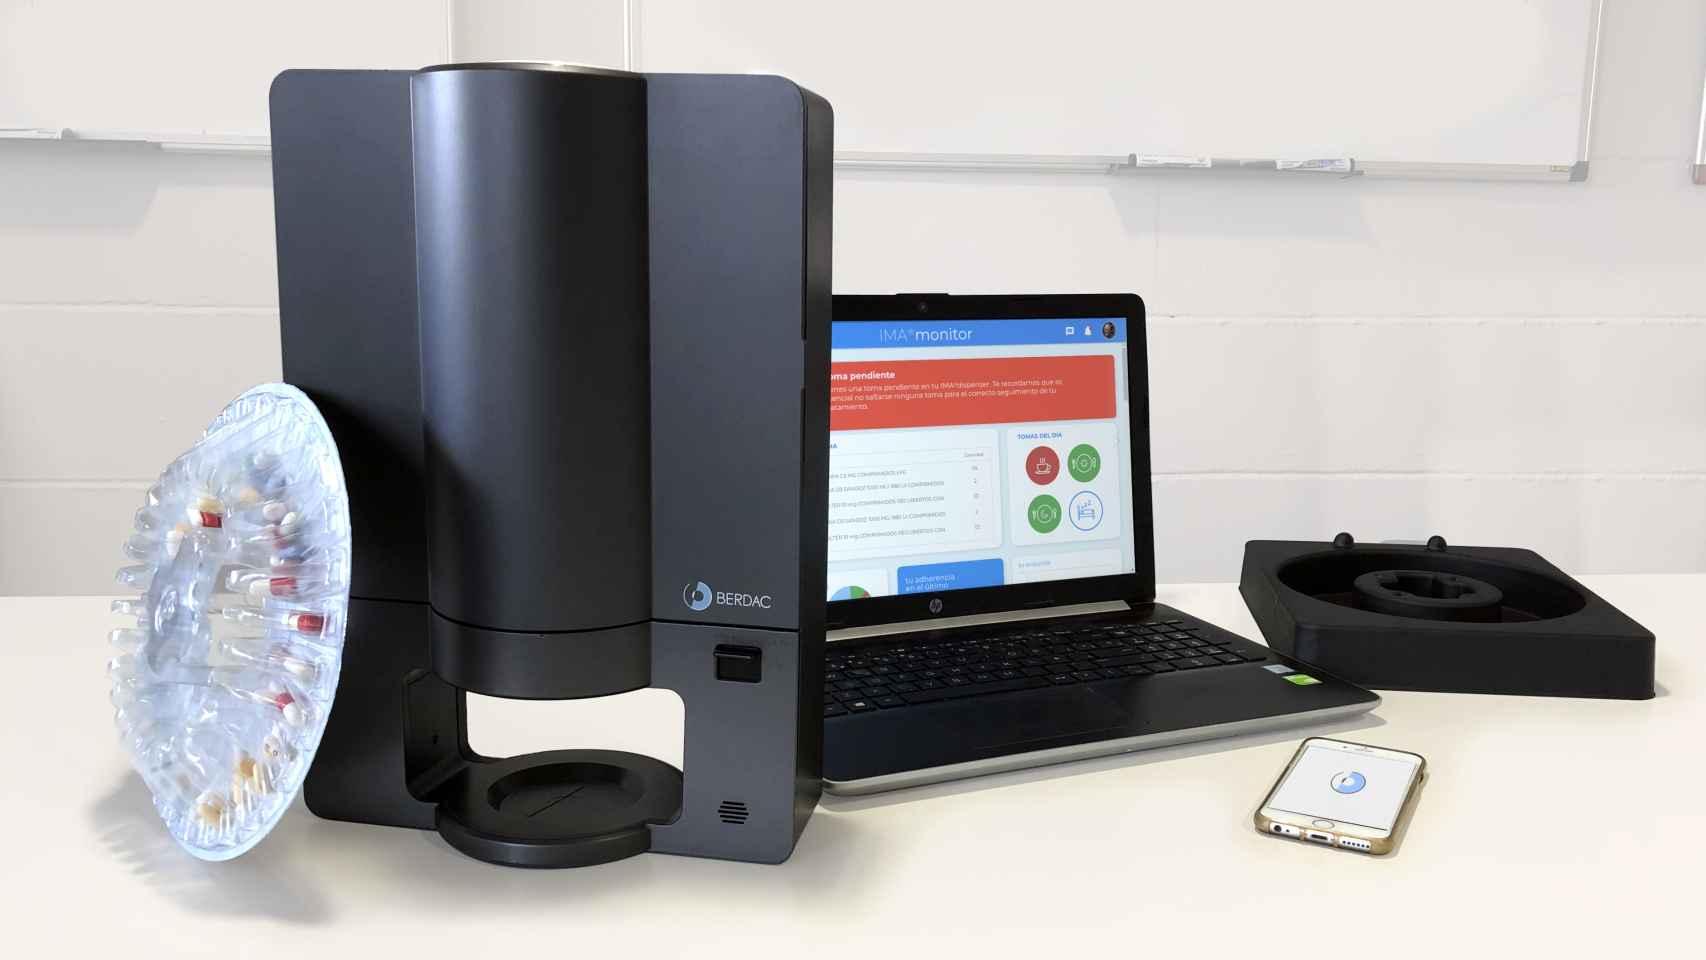 El dispensador de medicamentos desarrollado por Berdac.